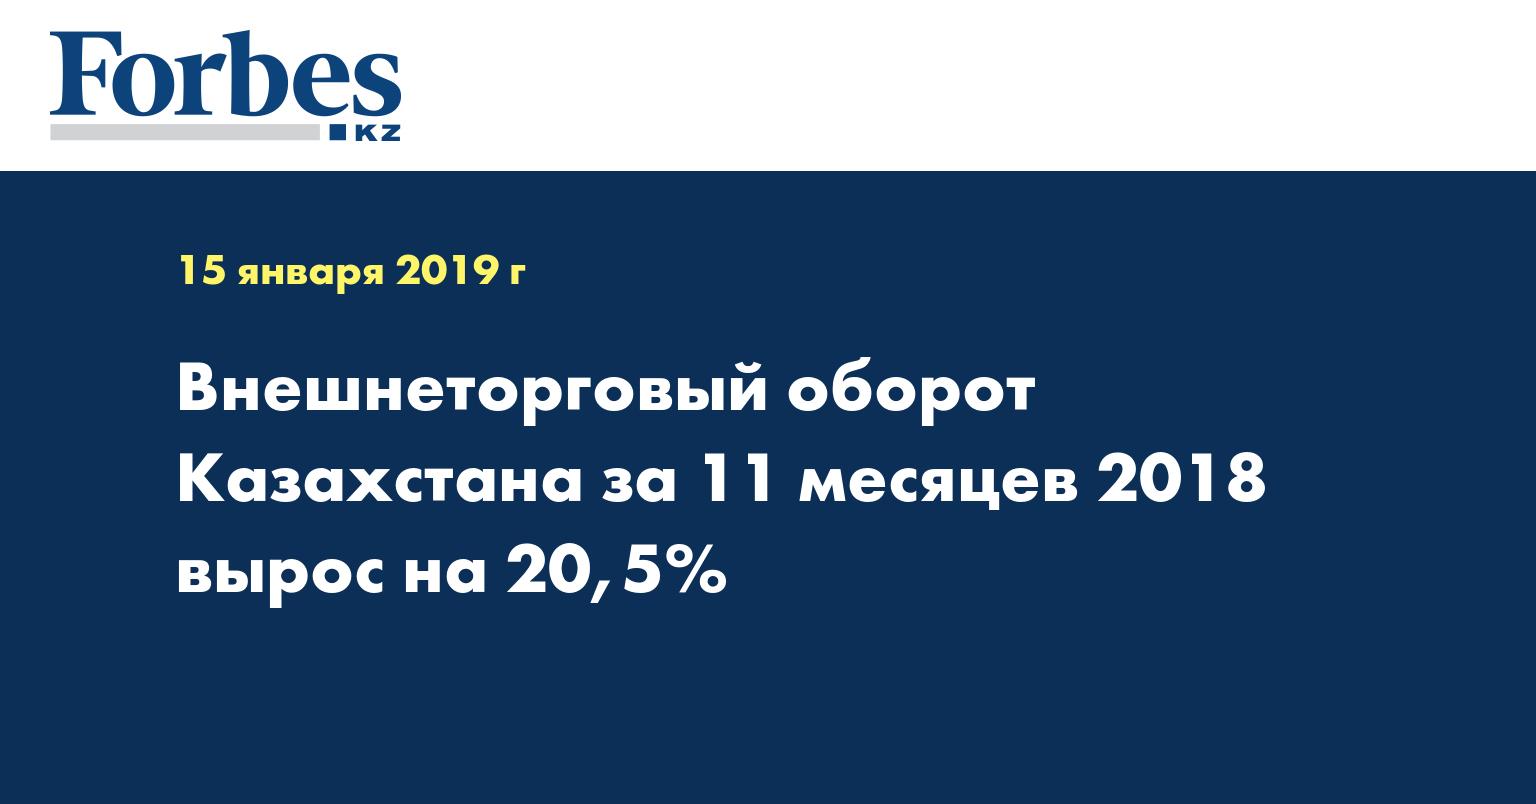 Внешнеторговый оборот Казахстана за 11 месяцев 2018 вырос на 20,5%